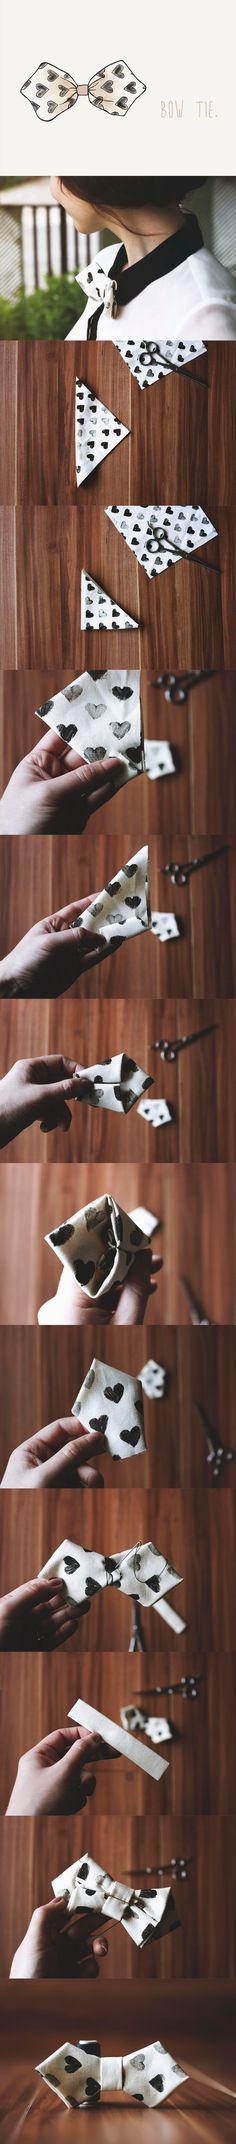 DIY / bow tie